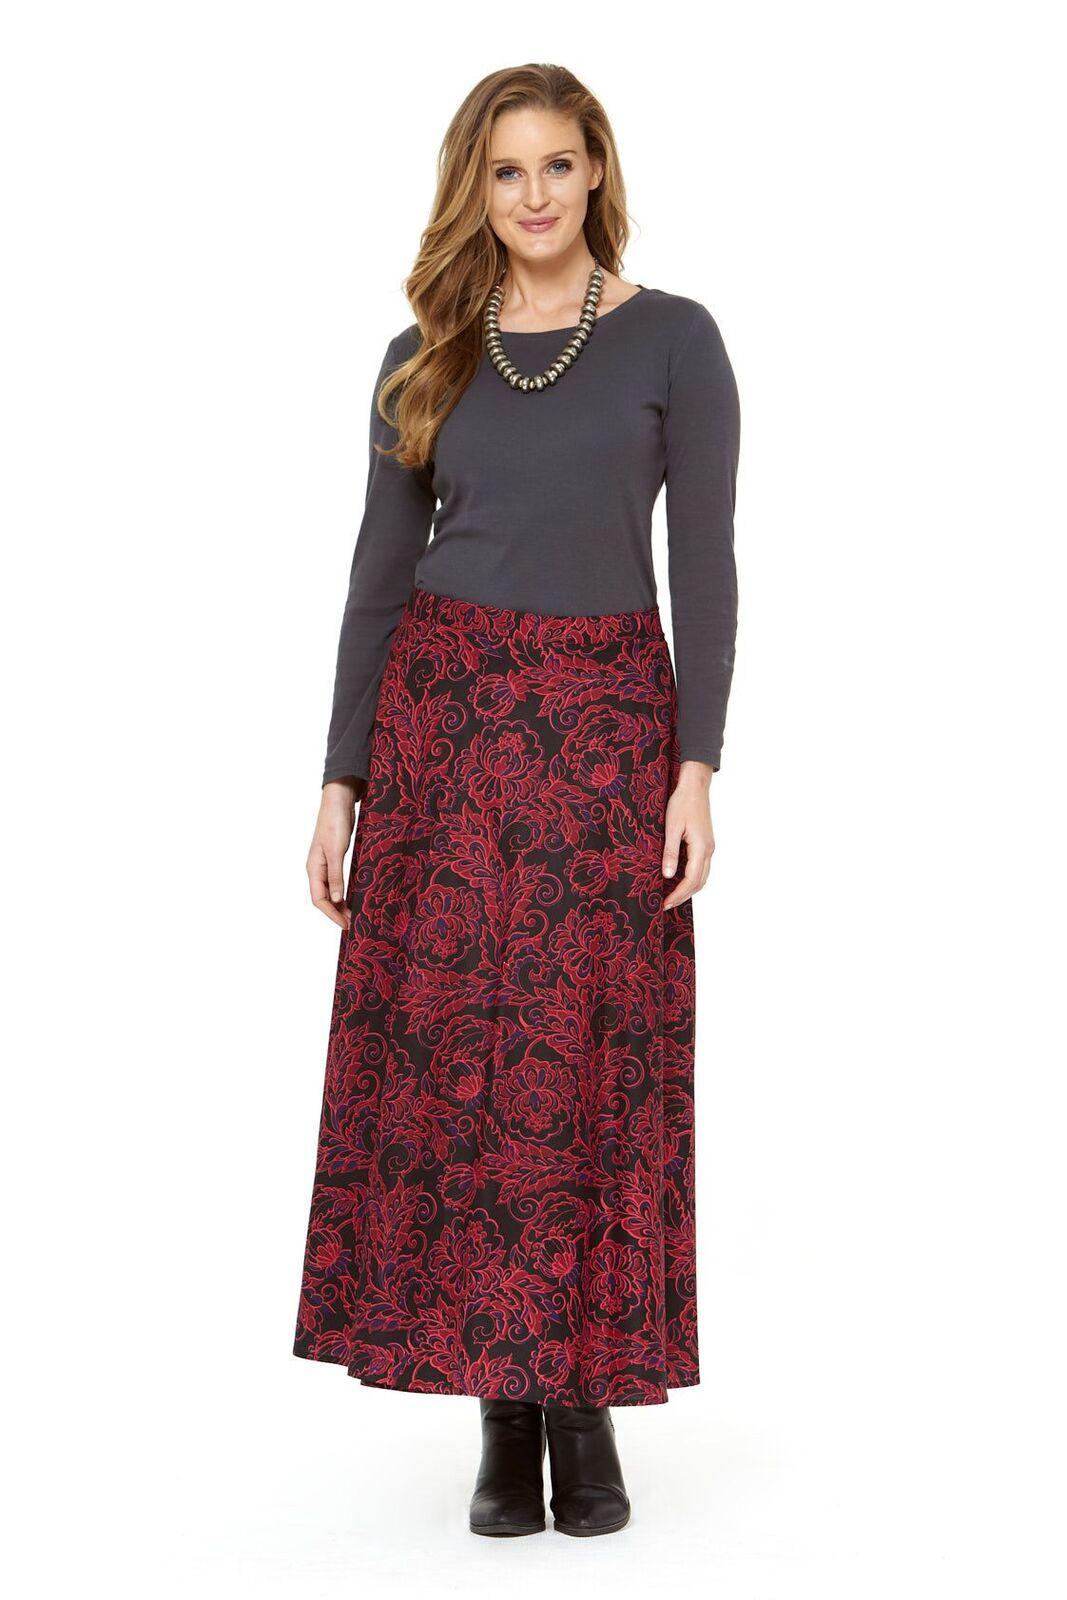 grace skirt red